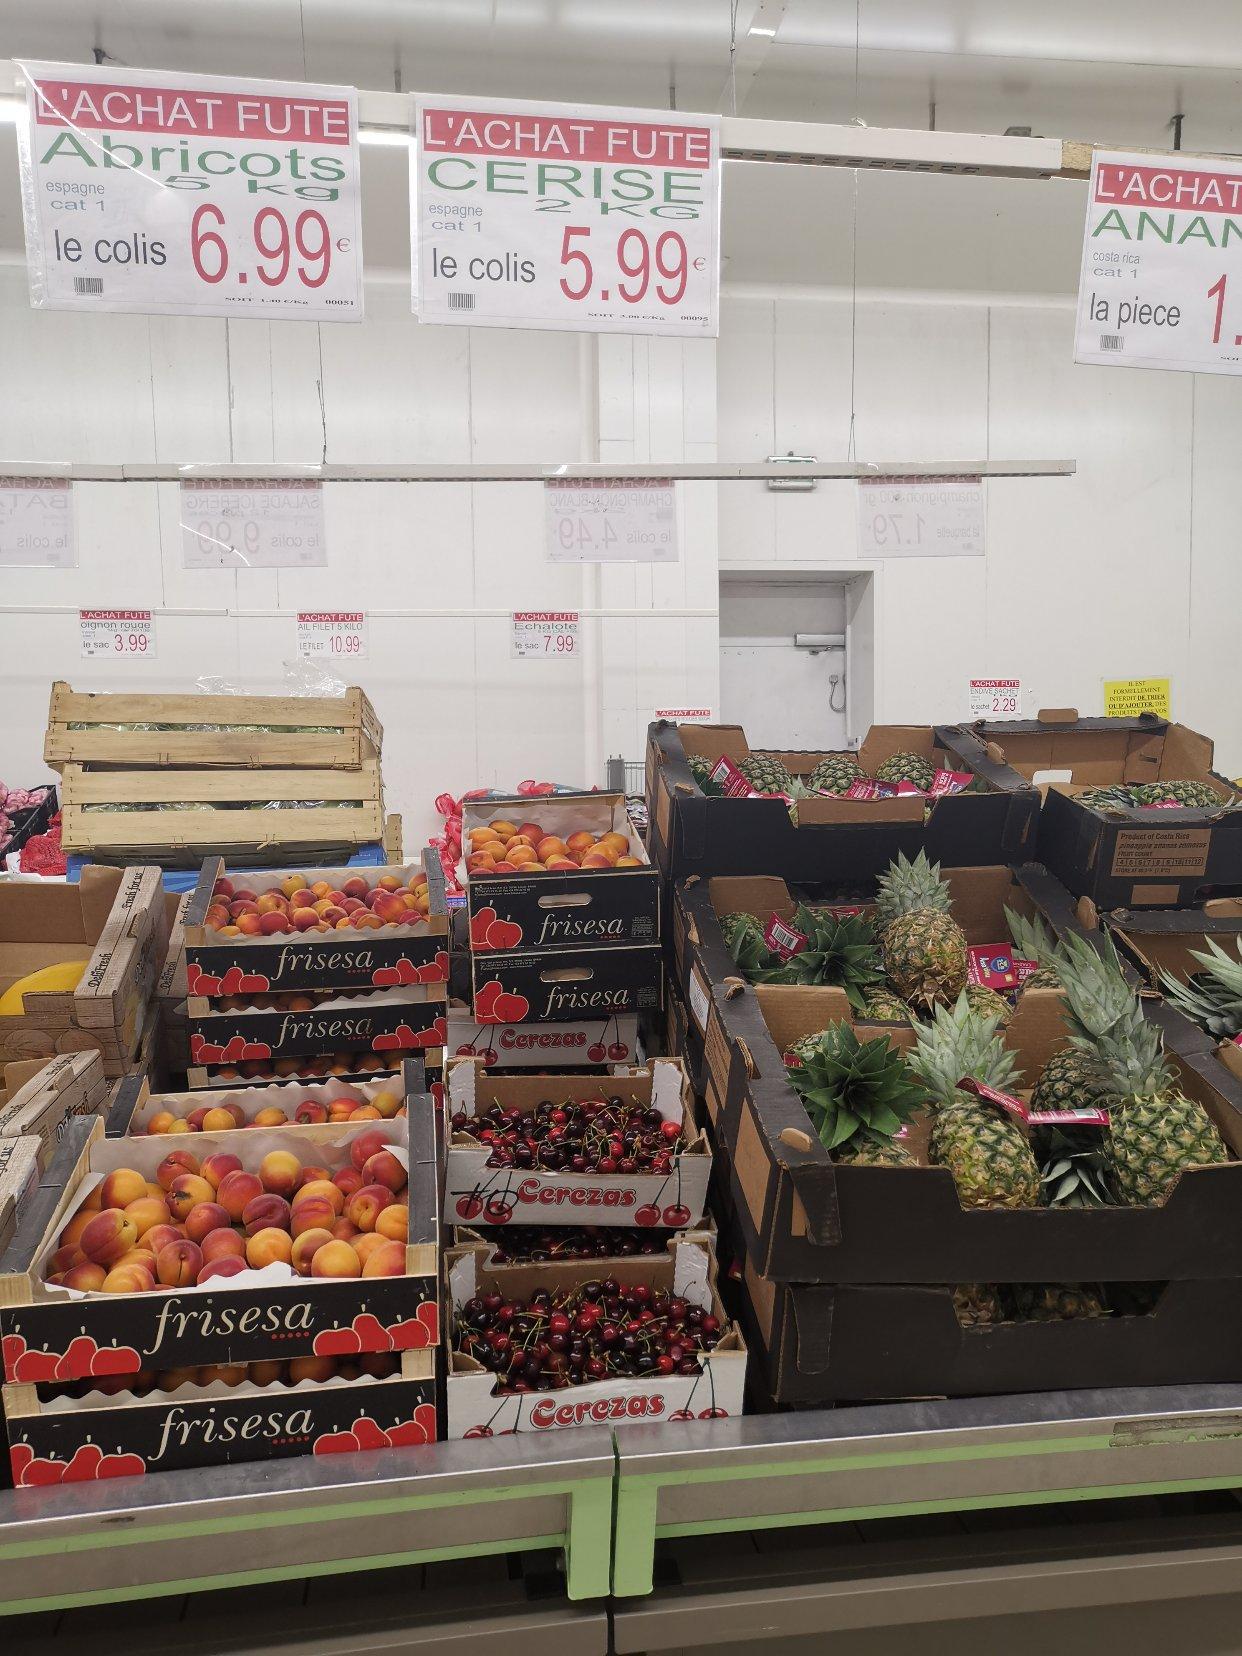 批发价菜市场,买了樱桃,番茄